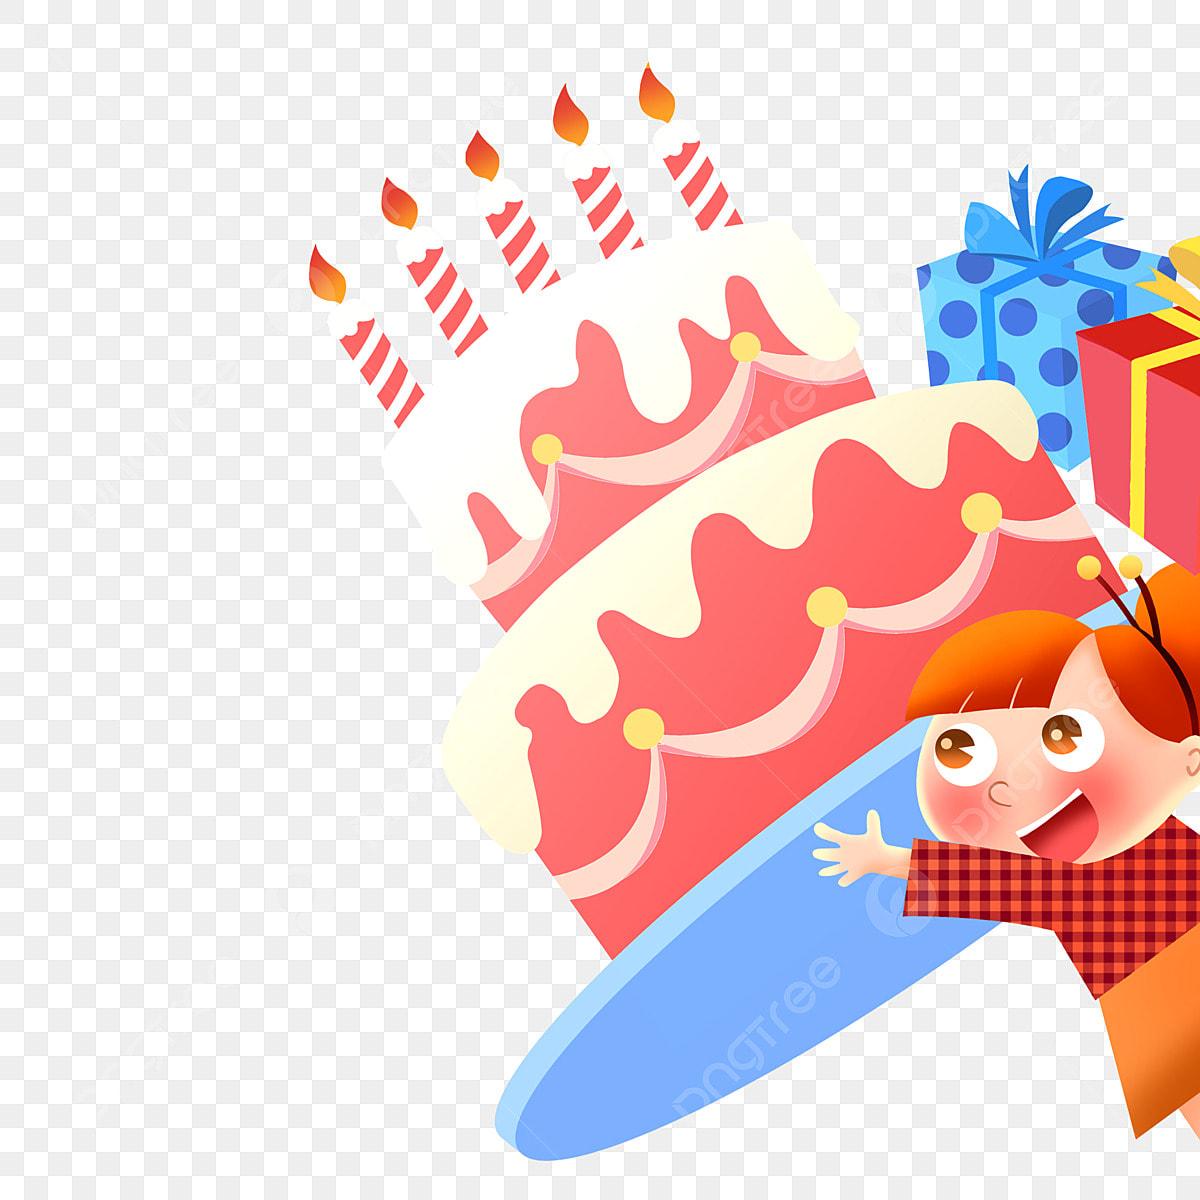 Carte D Anniversaire Enfant Gratuit Cadeau D Anniversaire Joyeux Anniversaire Gateau Delicieux Fichier Png Et Psd Pour Le Telechargement Libre